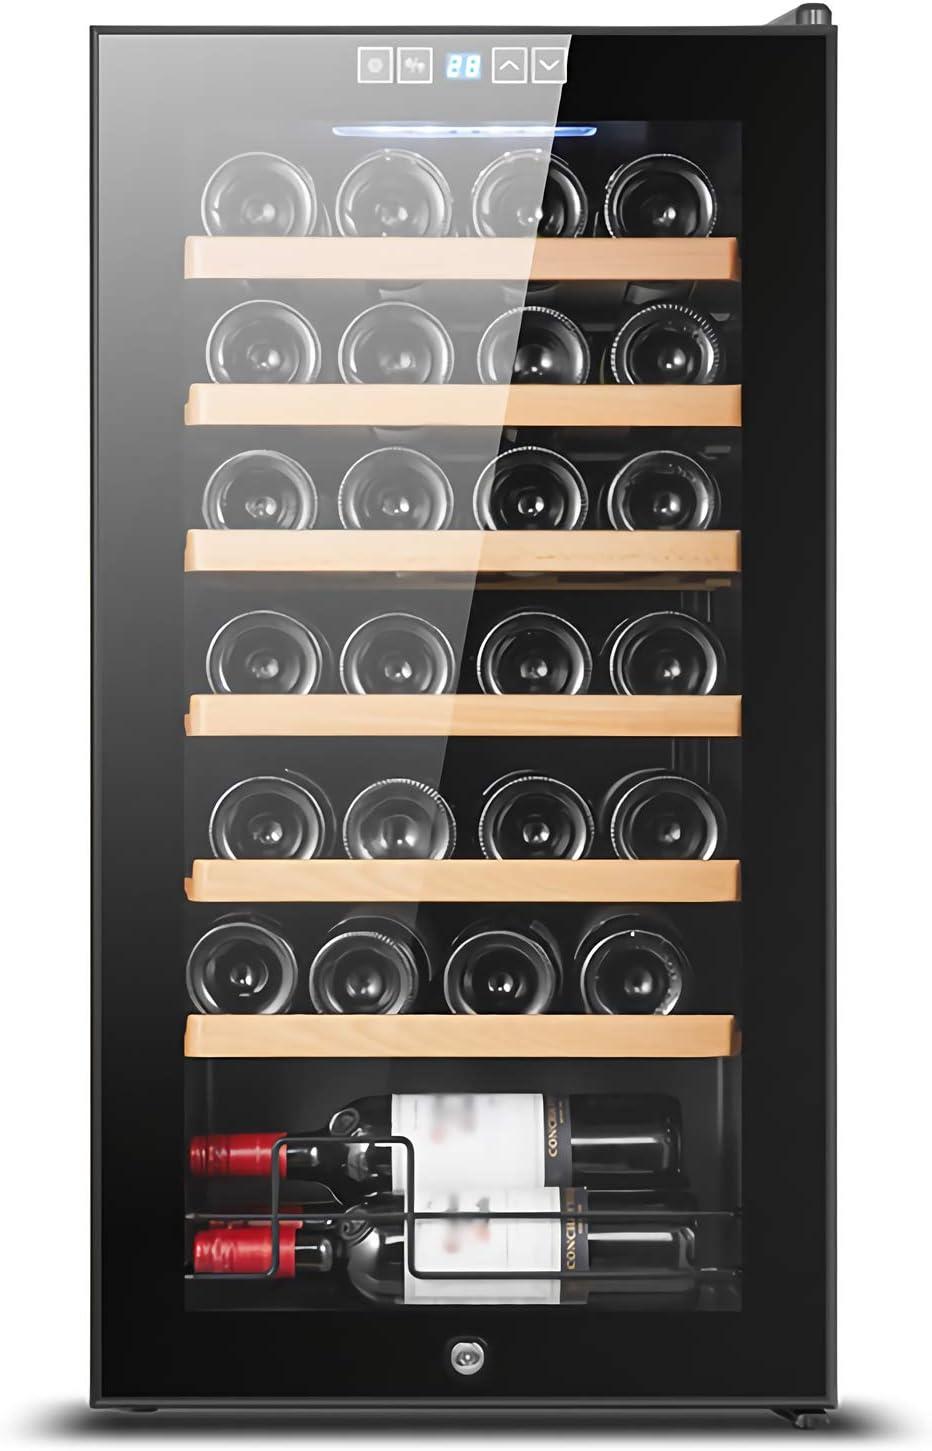 LLZH Vinoteca Frigorífico, Refrigerador Vino Compresor, Nevera de Vino Barra Mostrador, con Puerta con Cerradura, Control Digital, Estantes Ajustables, 24/28 Botellas de Gran Capacidad,28 Bottle